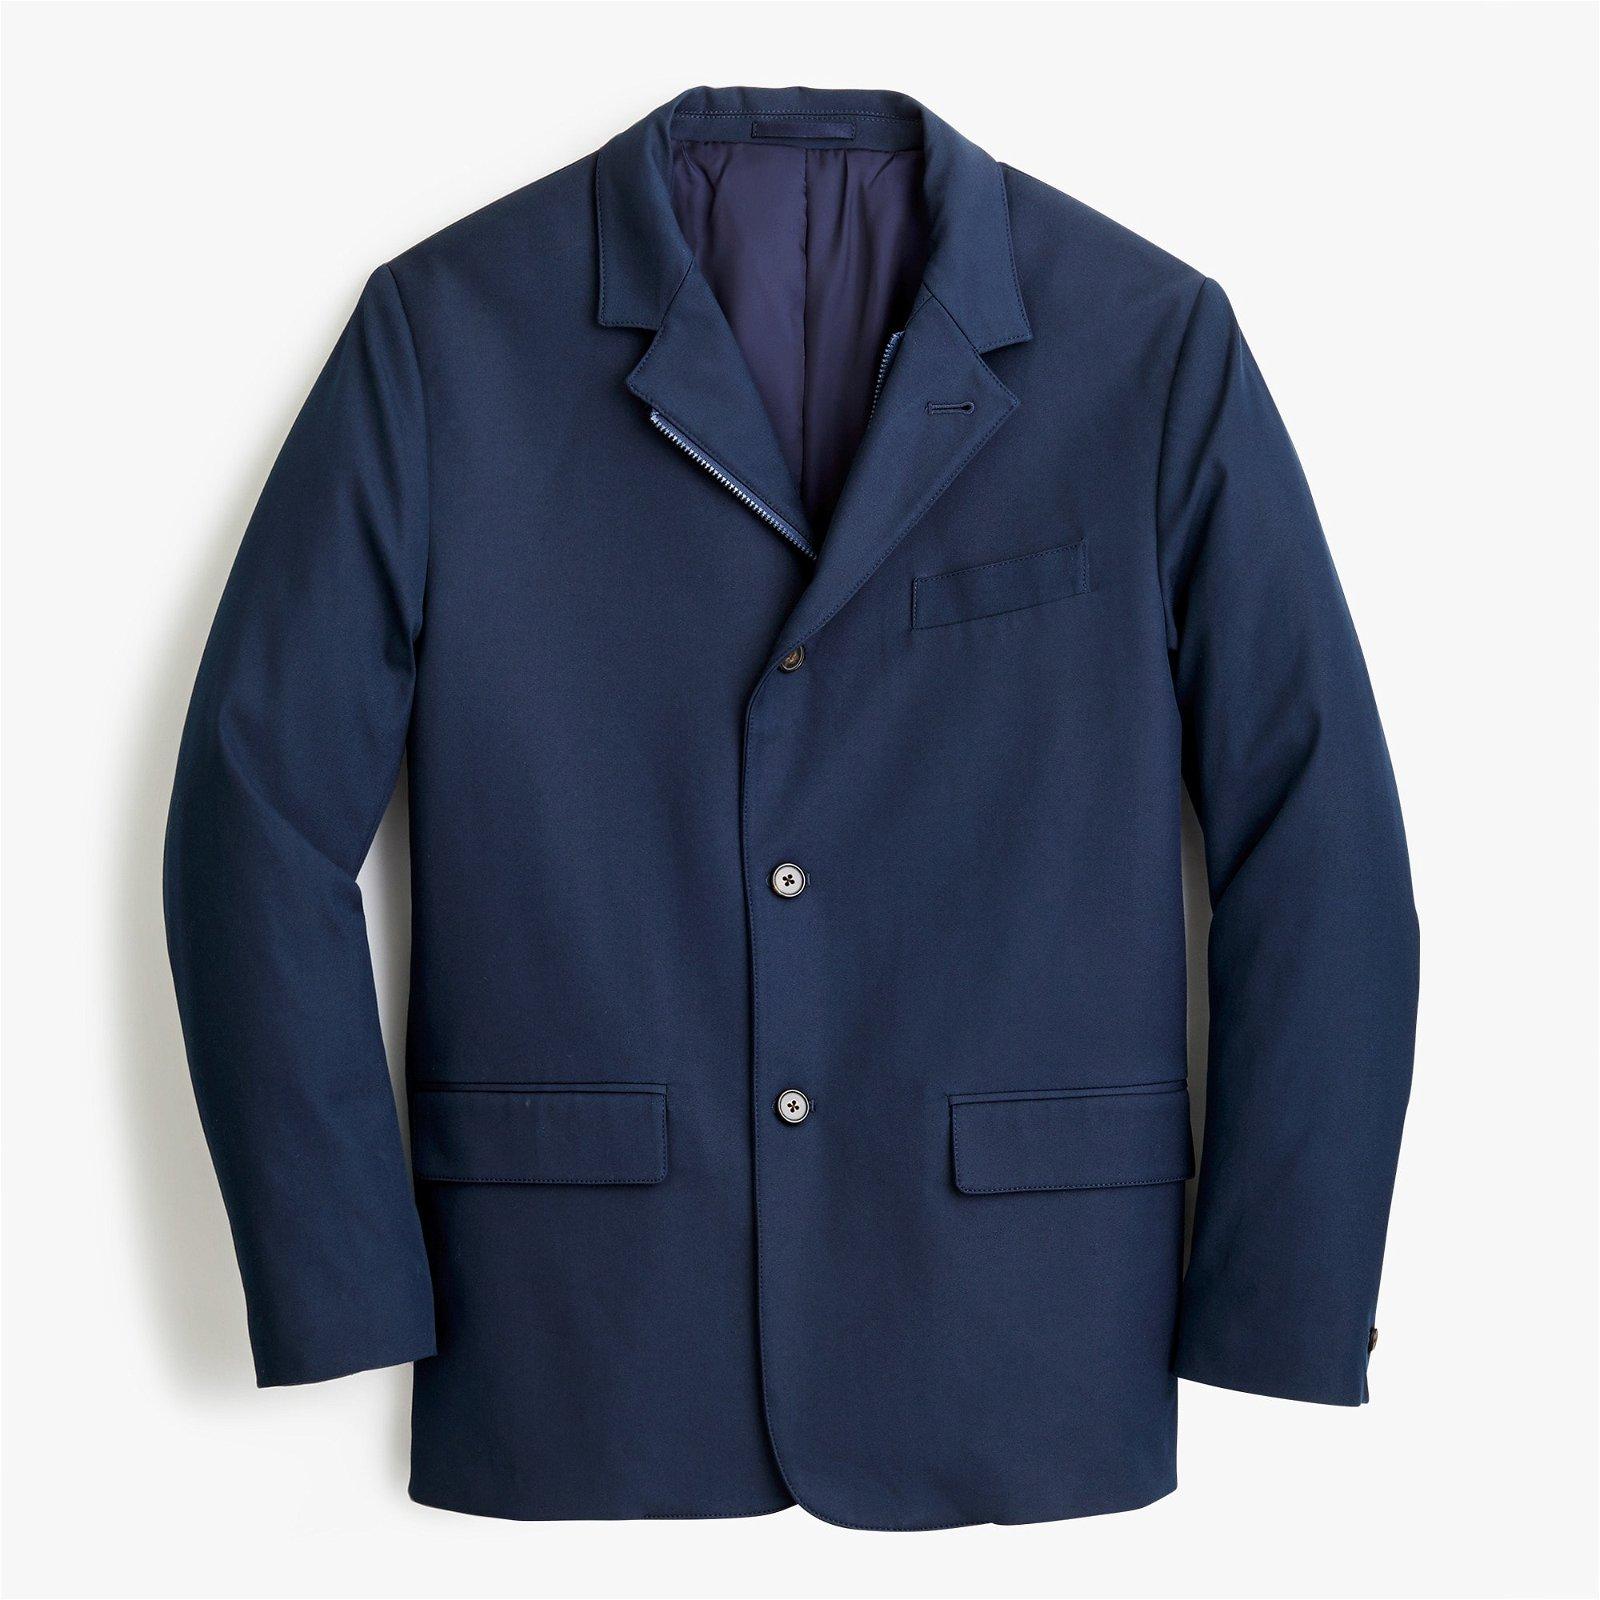 Destination stretch performance Primaloft®-filled blazer